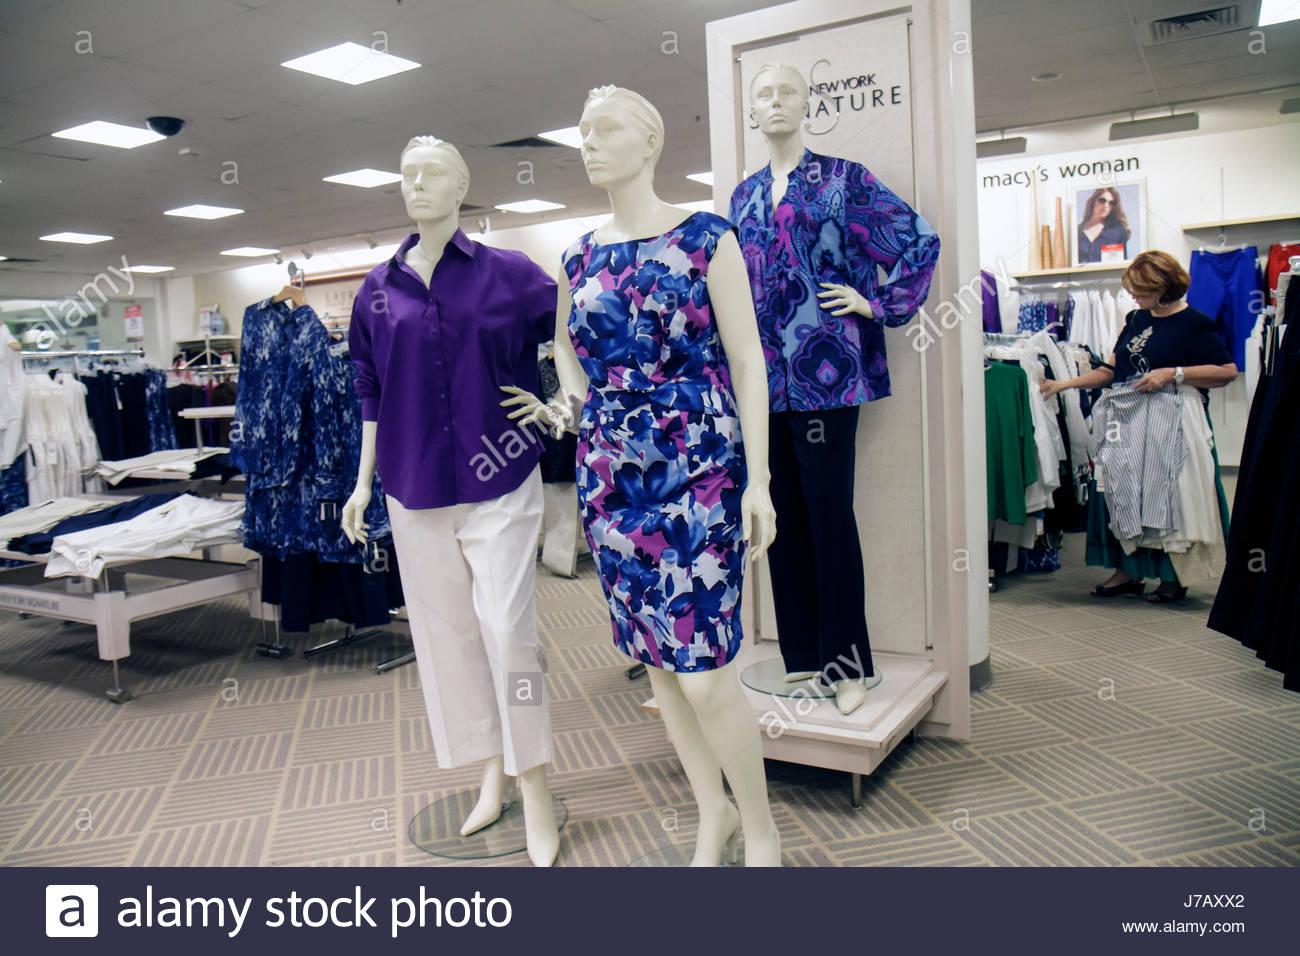 c6a82254ea7 Florida Miami Dadeland Mall Shopping expositor para la venta de los grandes  almacenes Macy s ropa mujer maniqui